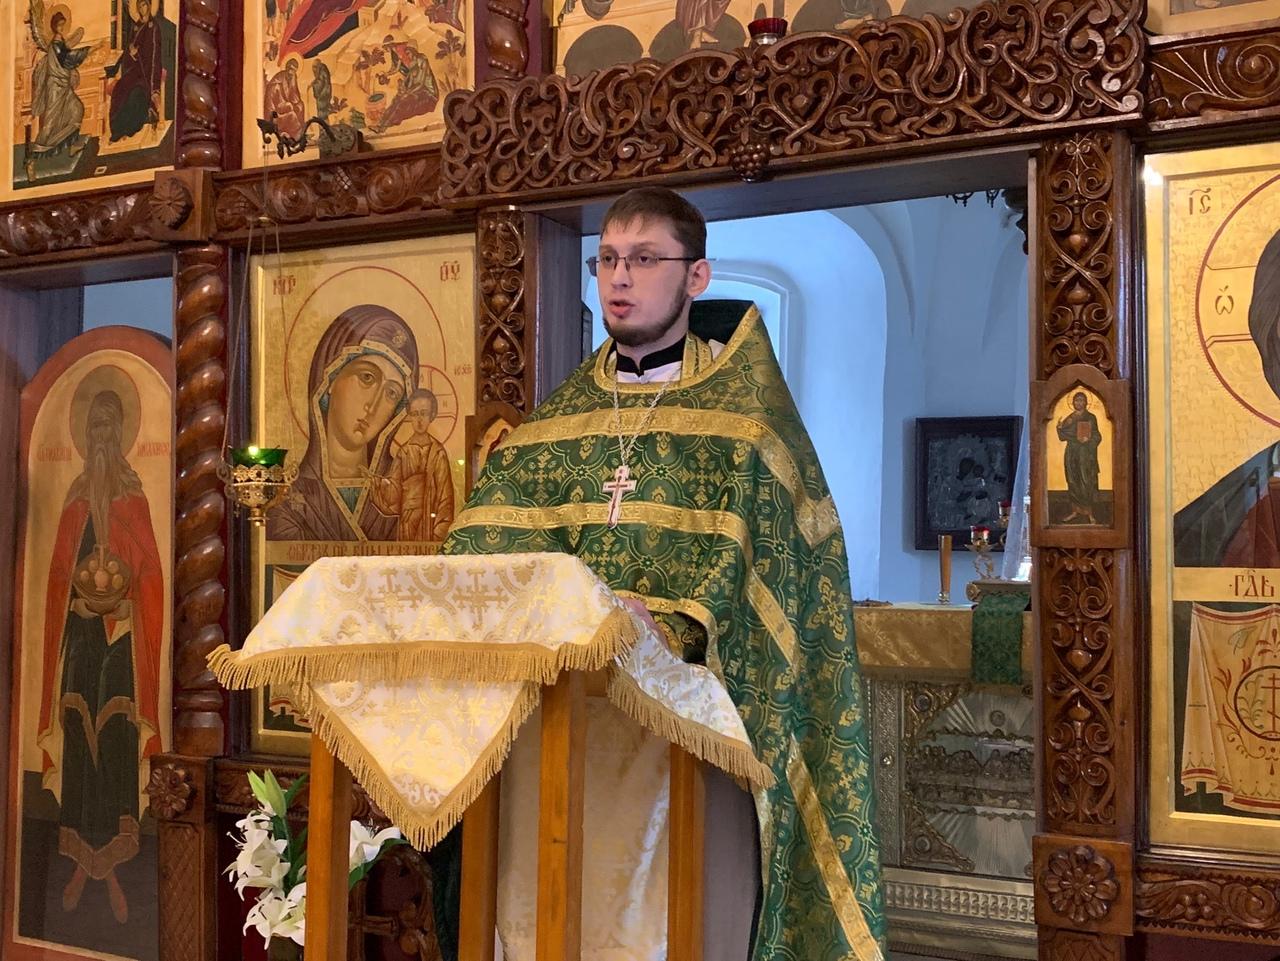 8 октября 2021 года — день памяти преставления преподобного Сергия, игумена Радонежского